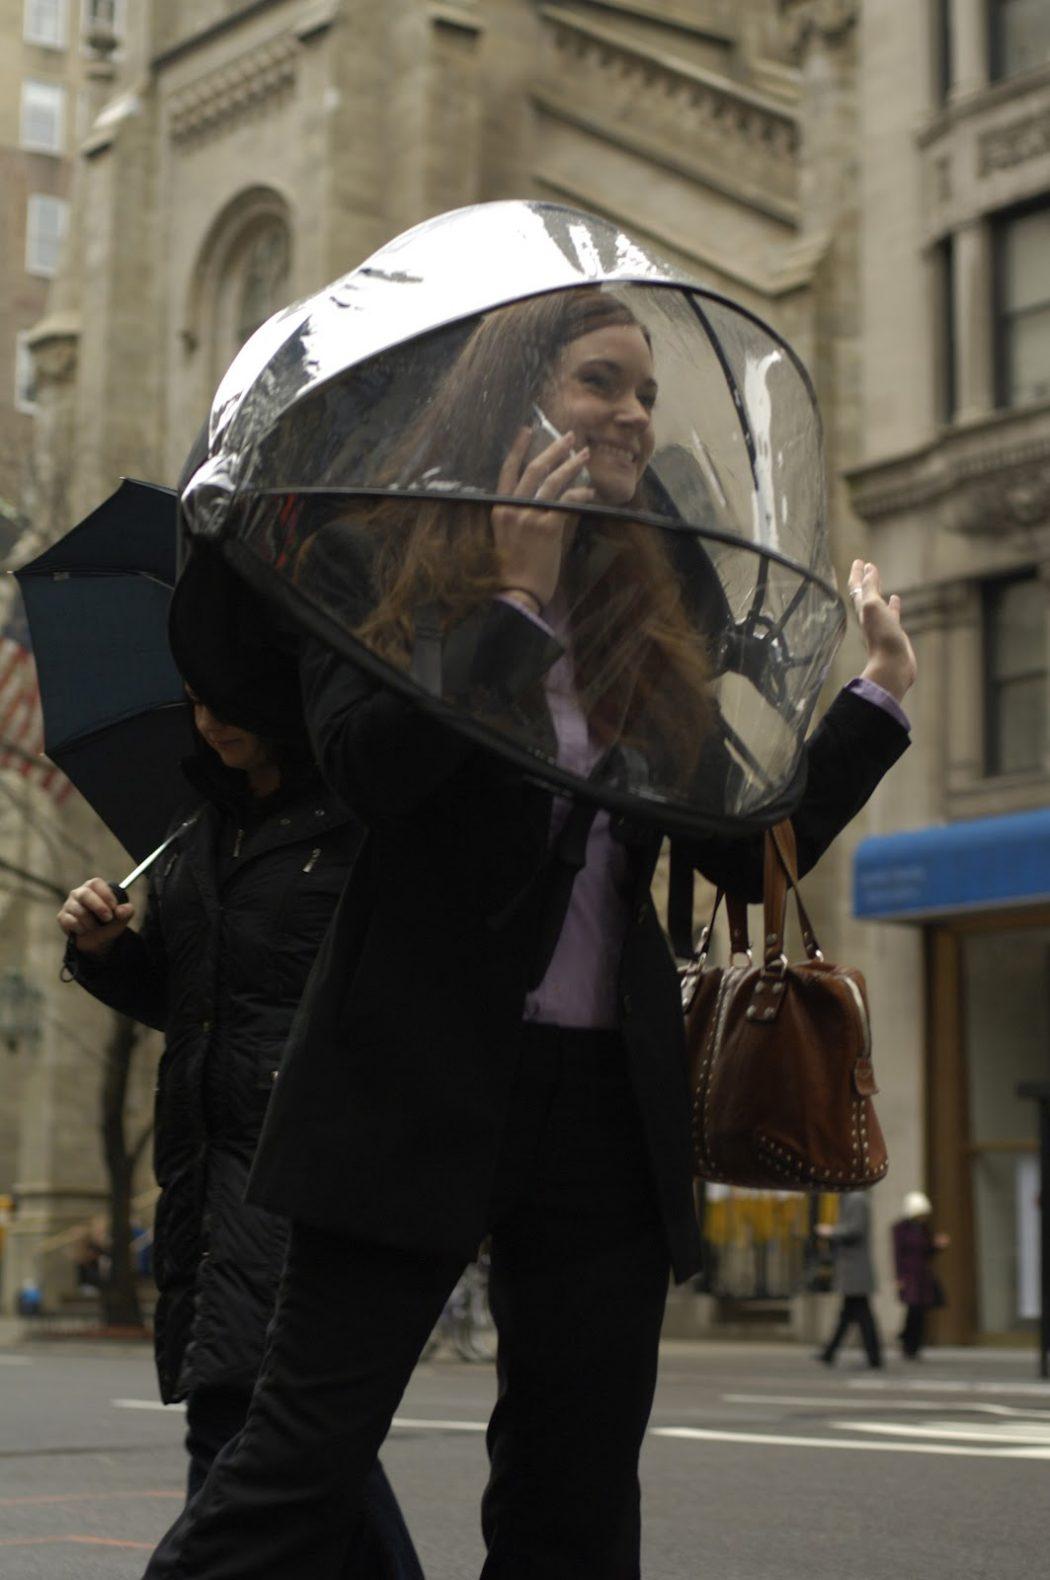 Nubrella3 15 Unusual Umbrellas Design Ideas